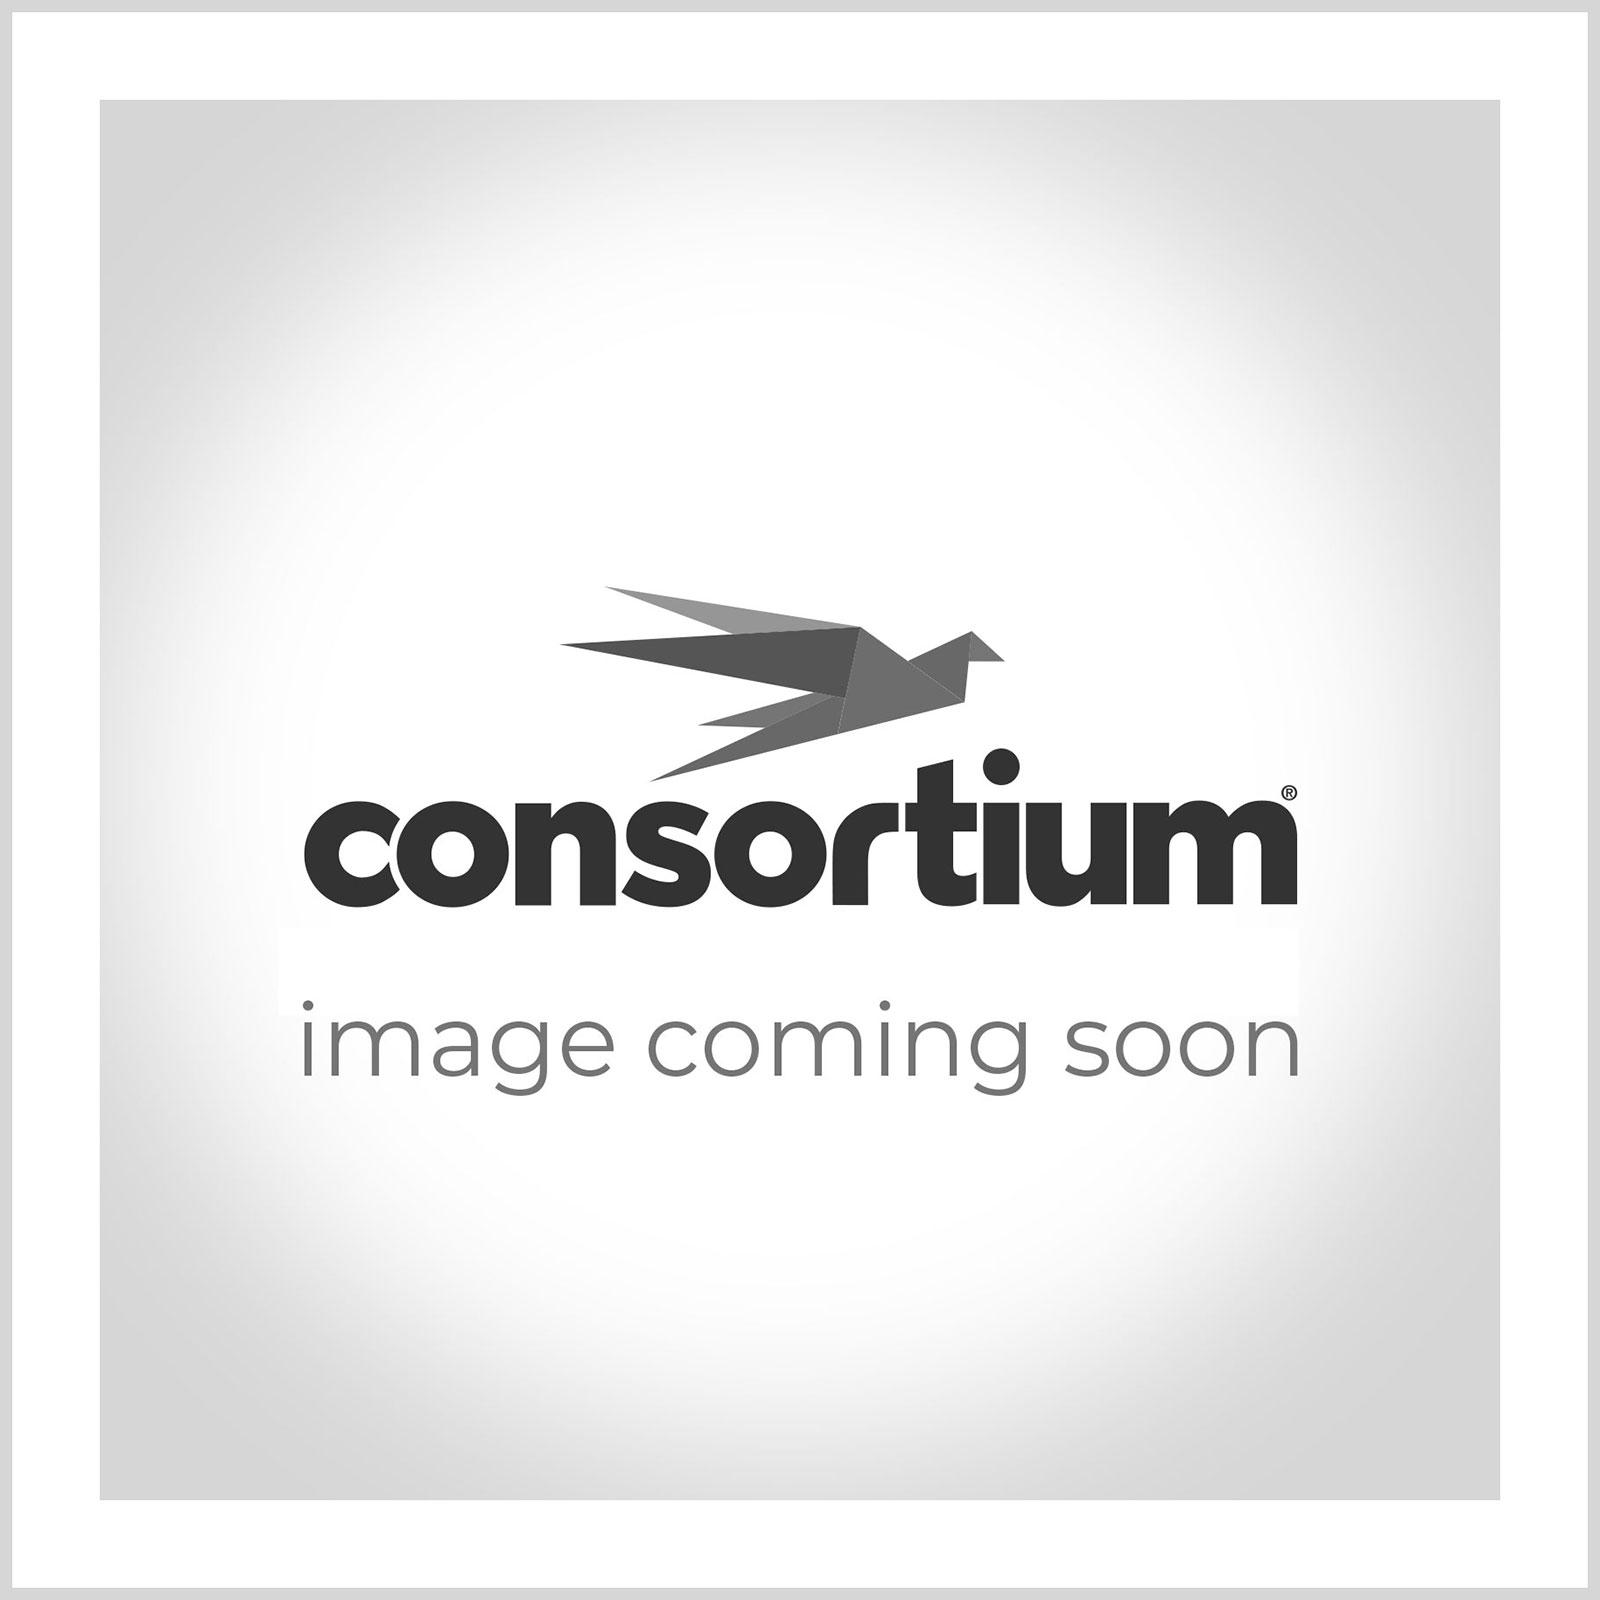 The Consortium Ballpoint Pens